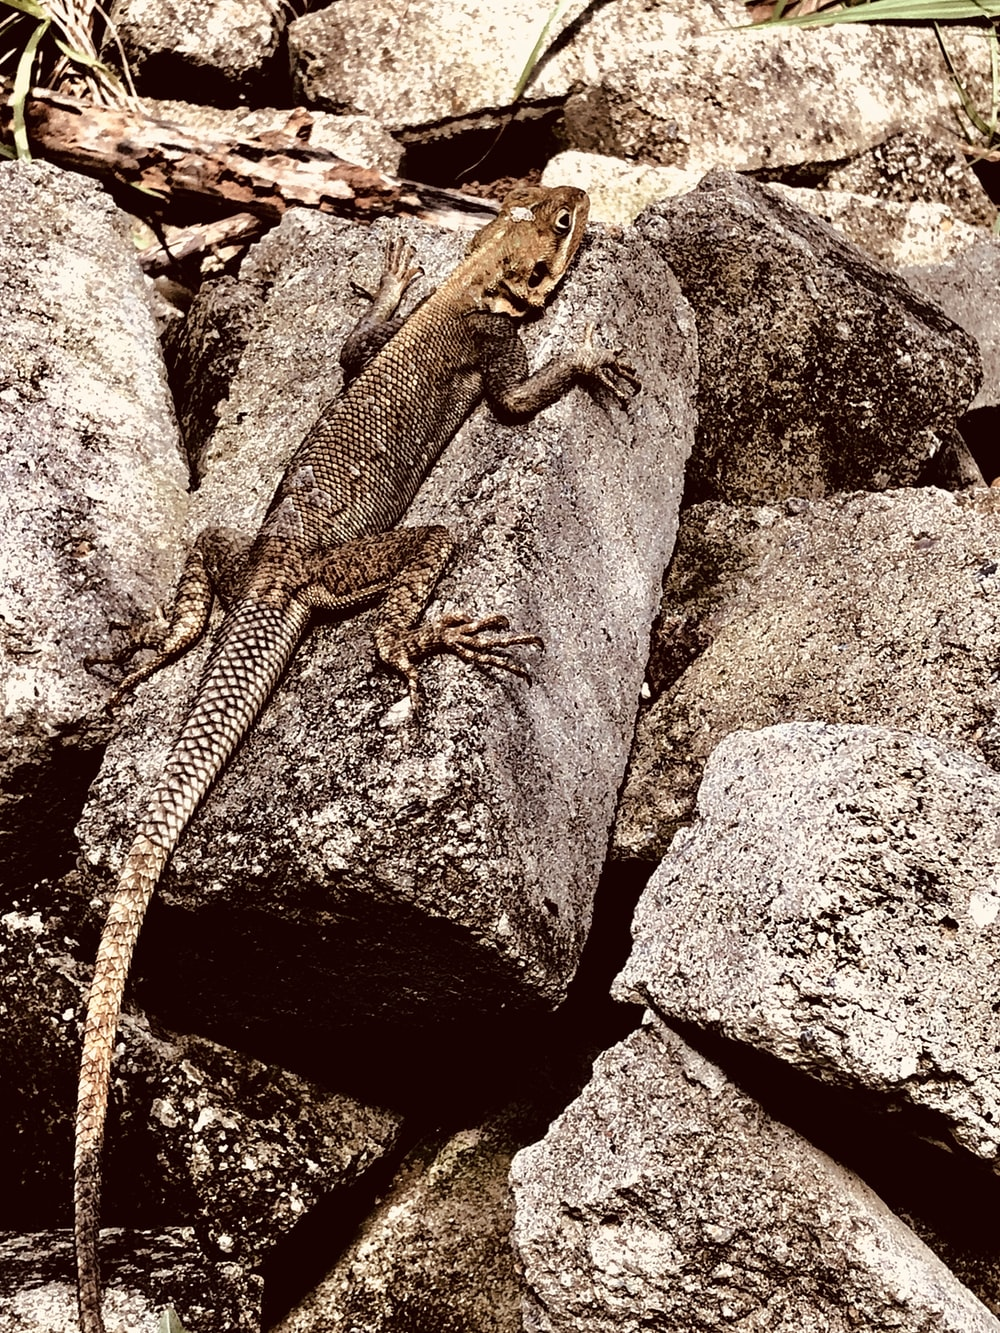 brown lizard on brown rock